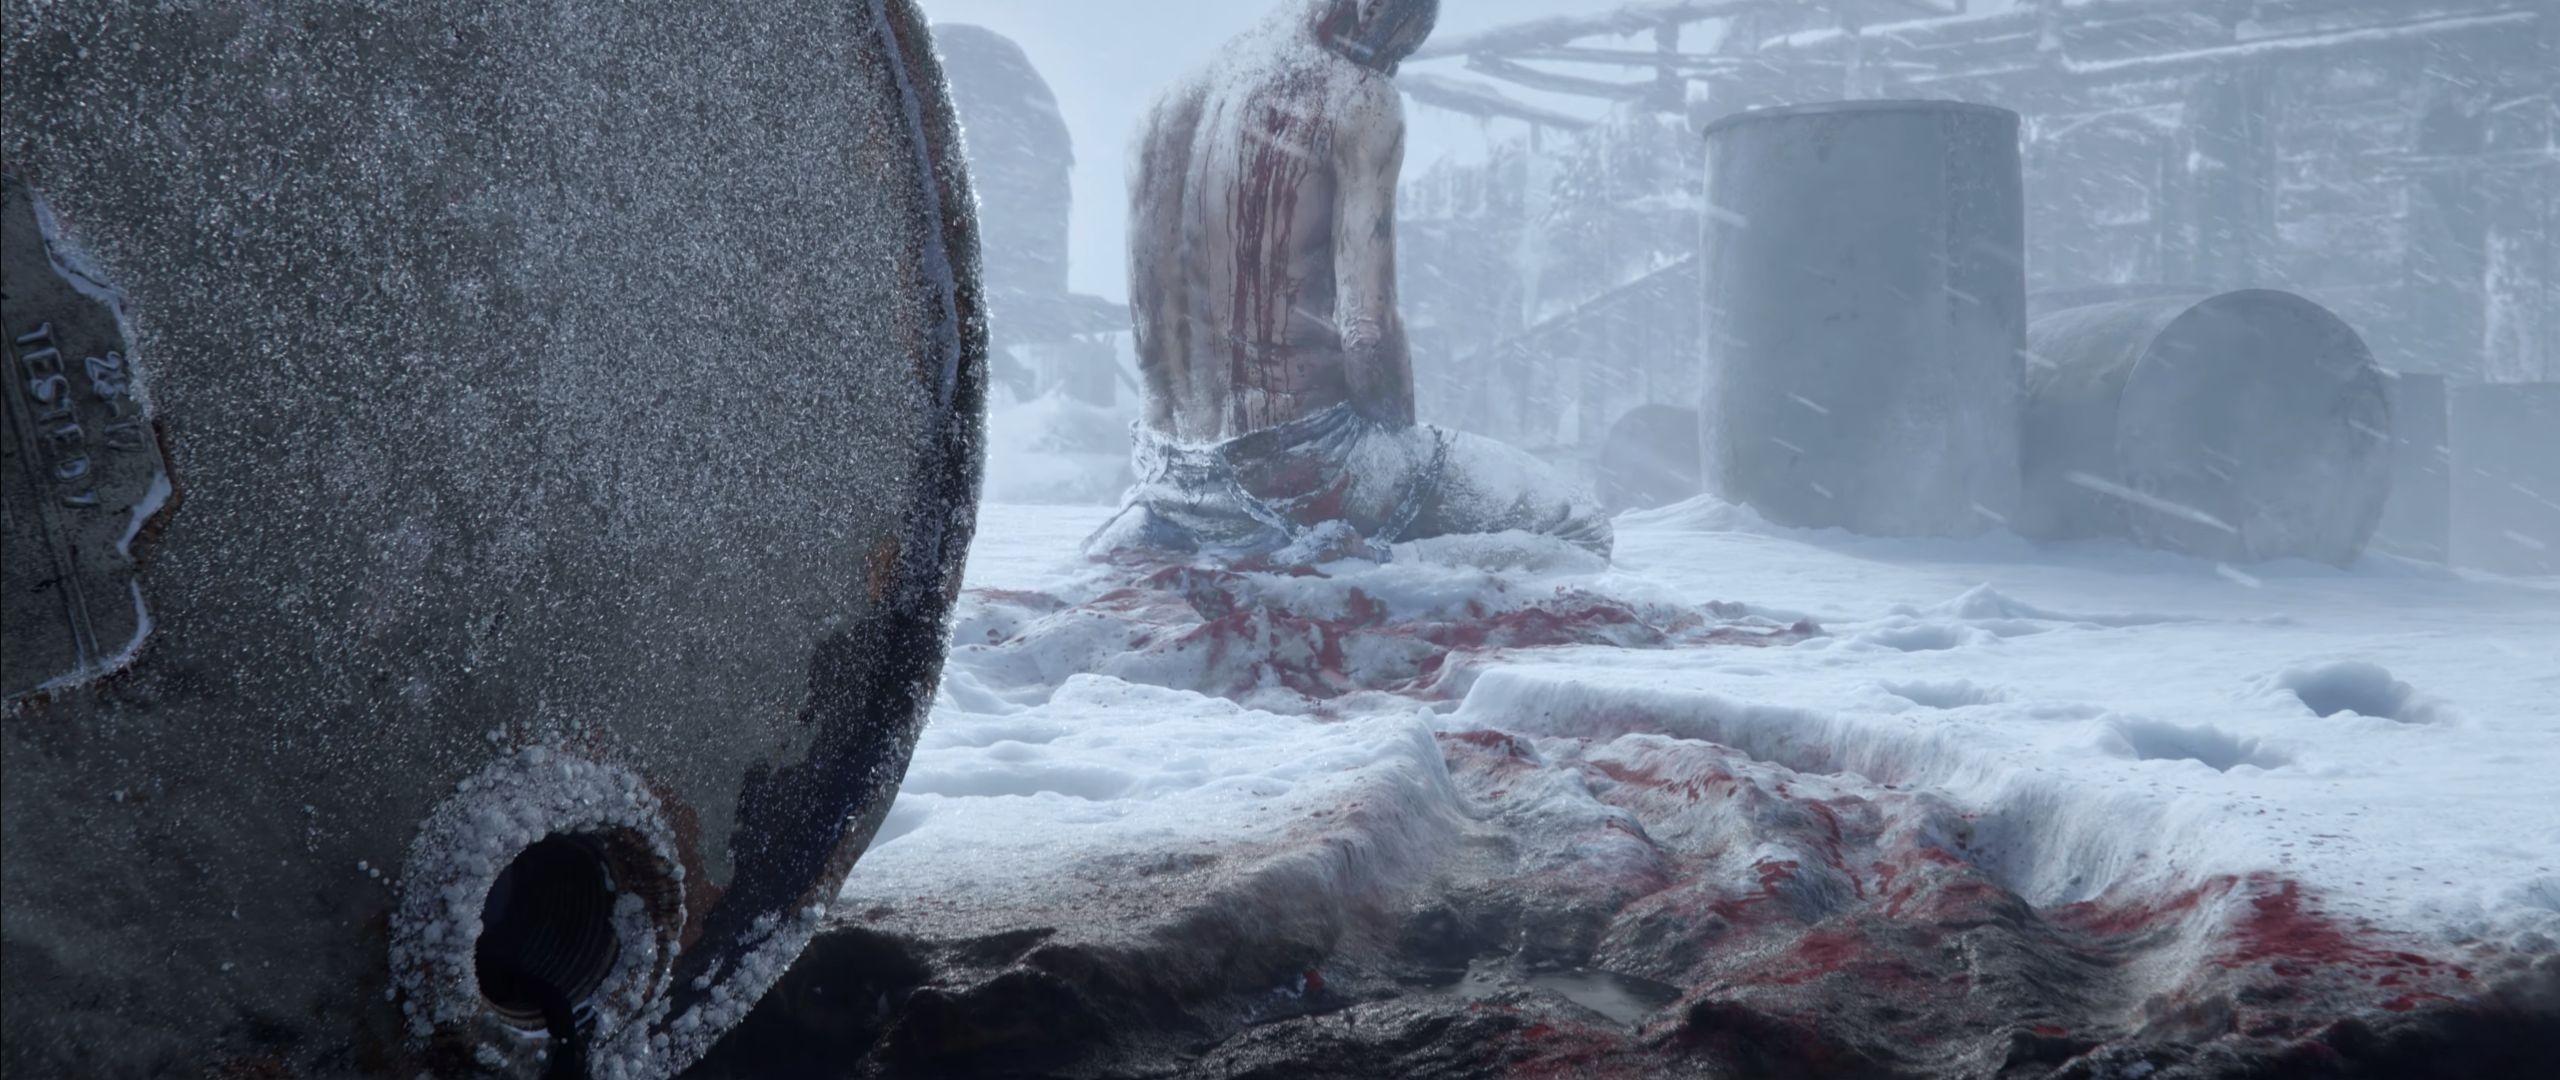 Авторы Frostpunk показали кровавый тизер новой игры и раскрыли амбициозные планы на будущее